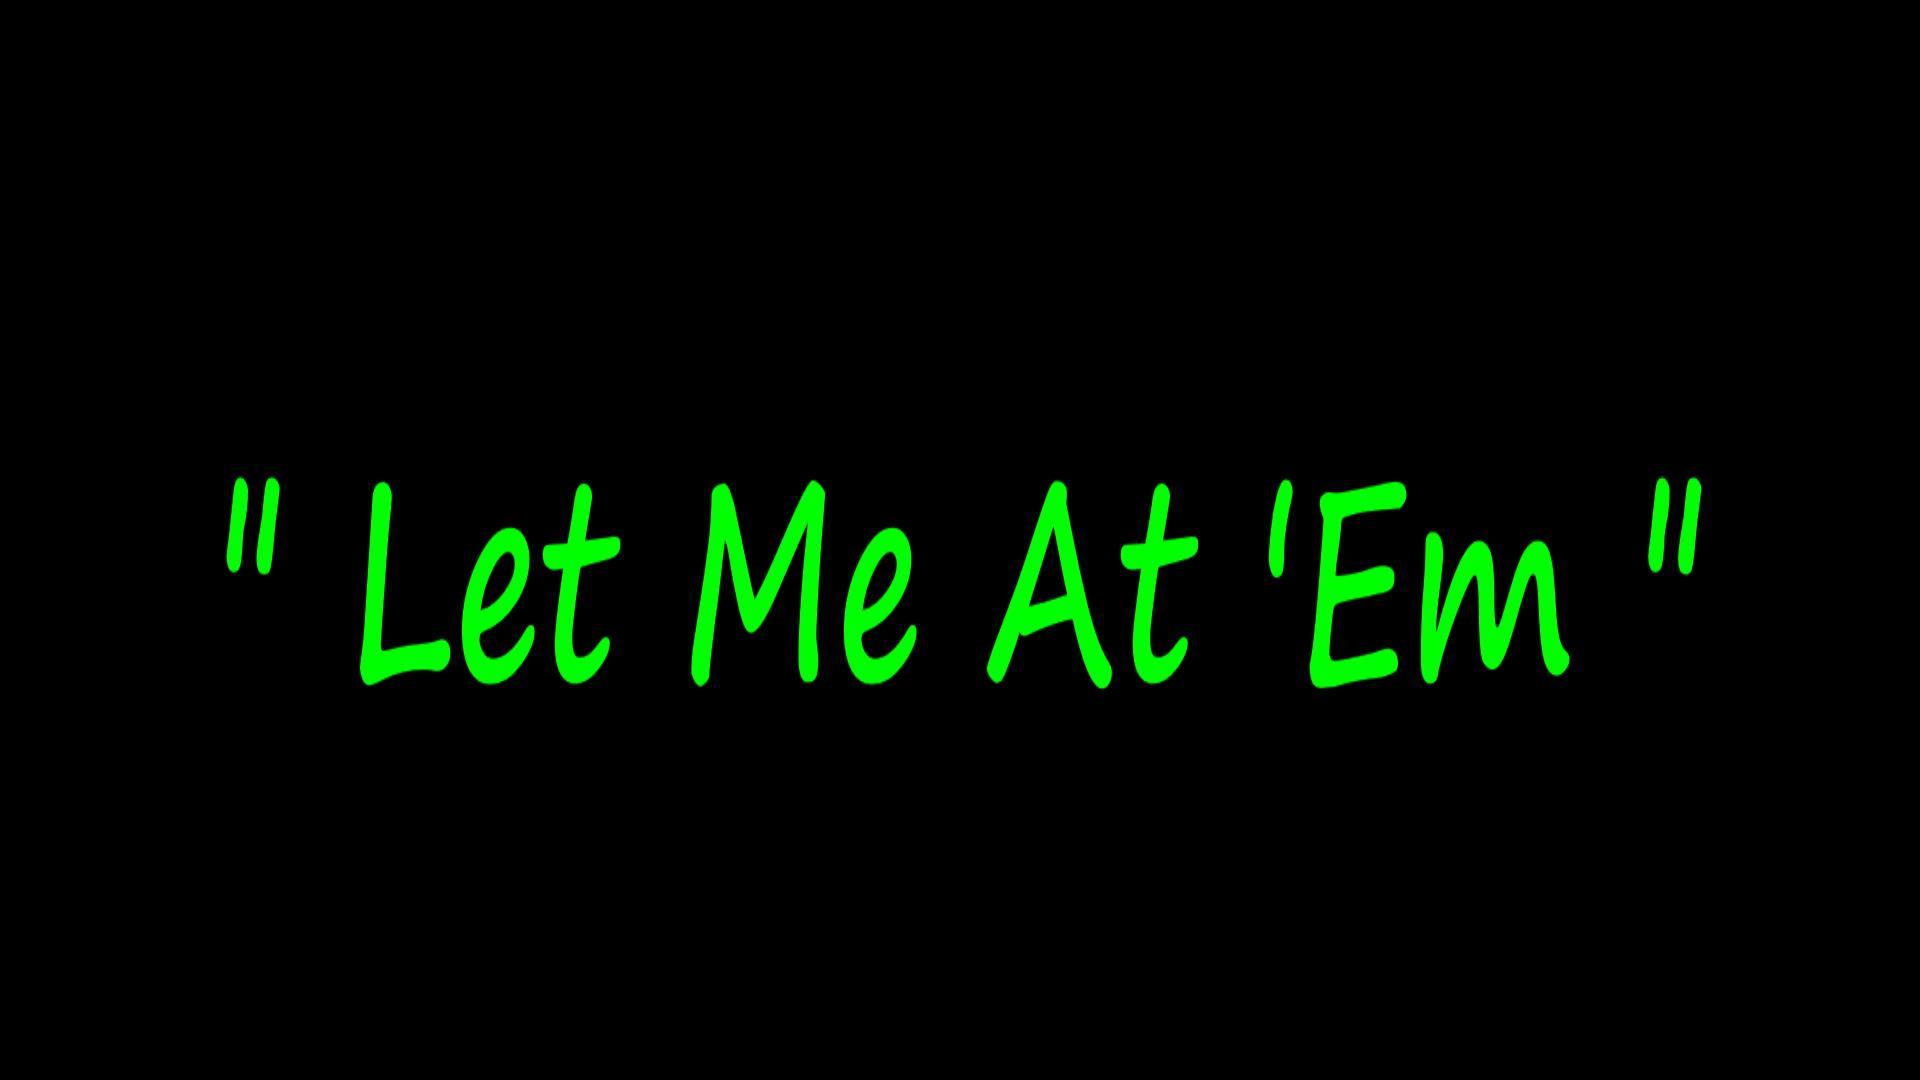 Let Me At 'Em